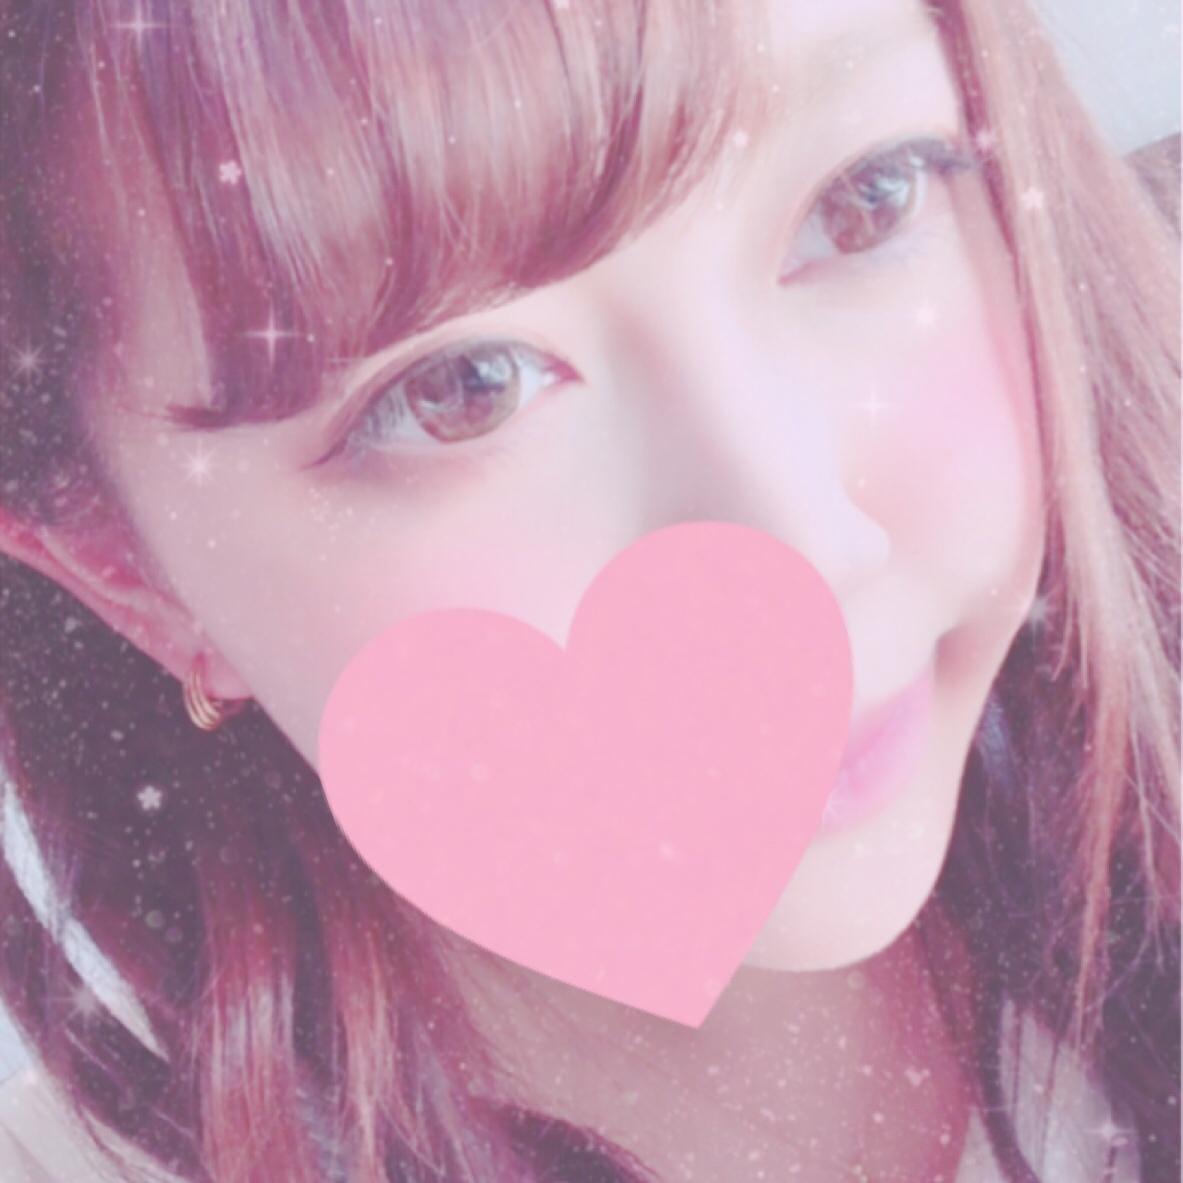 「??」09/04(火) 13:01 | ユアの写メ・風俗動画